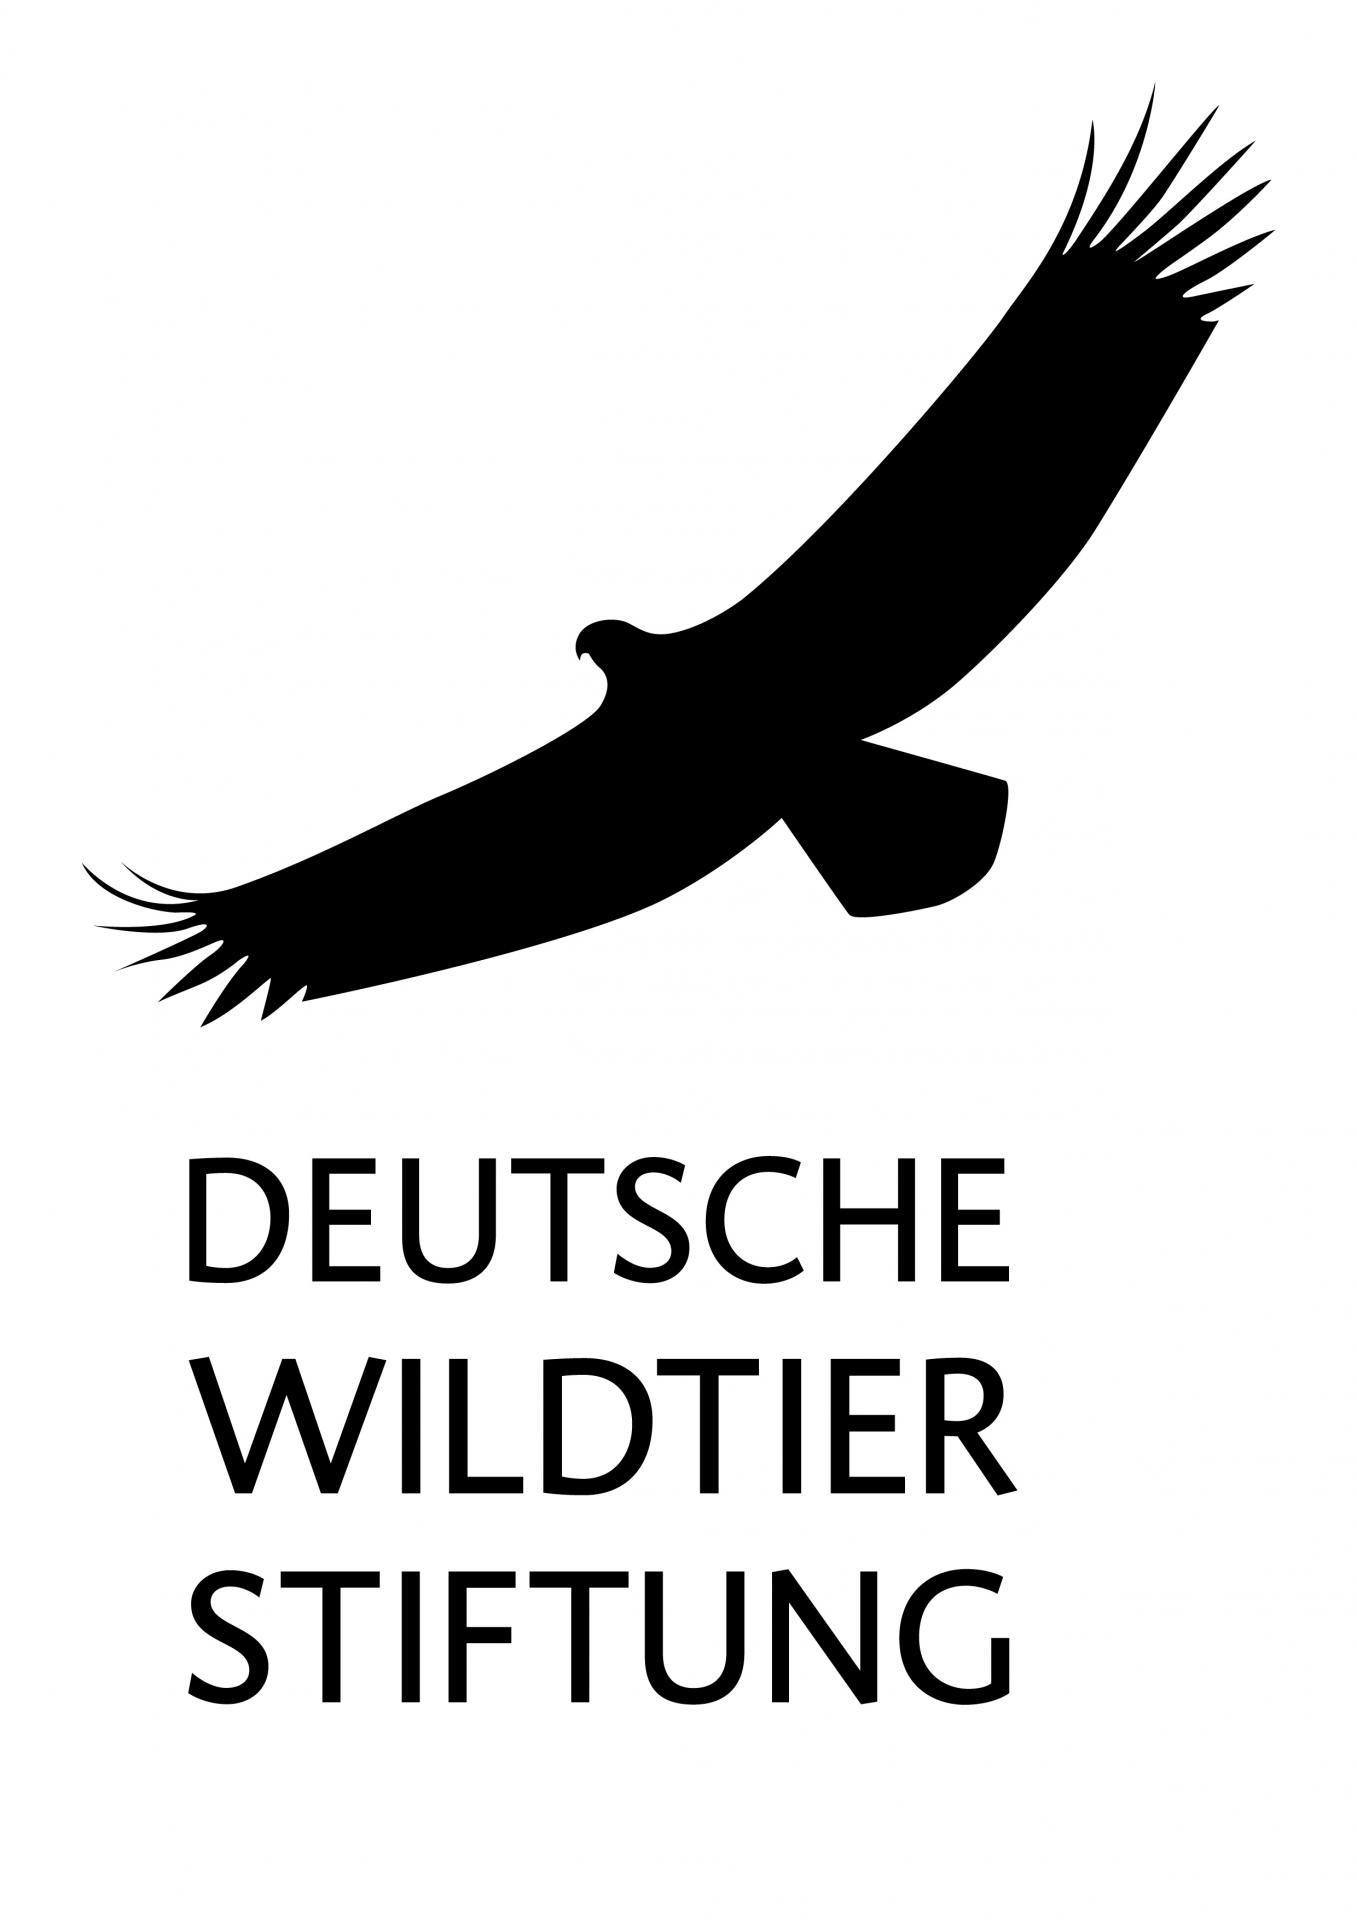 Dewist_logo